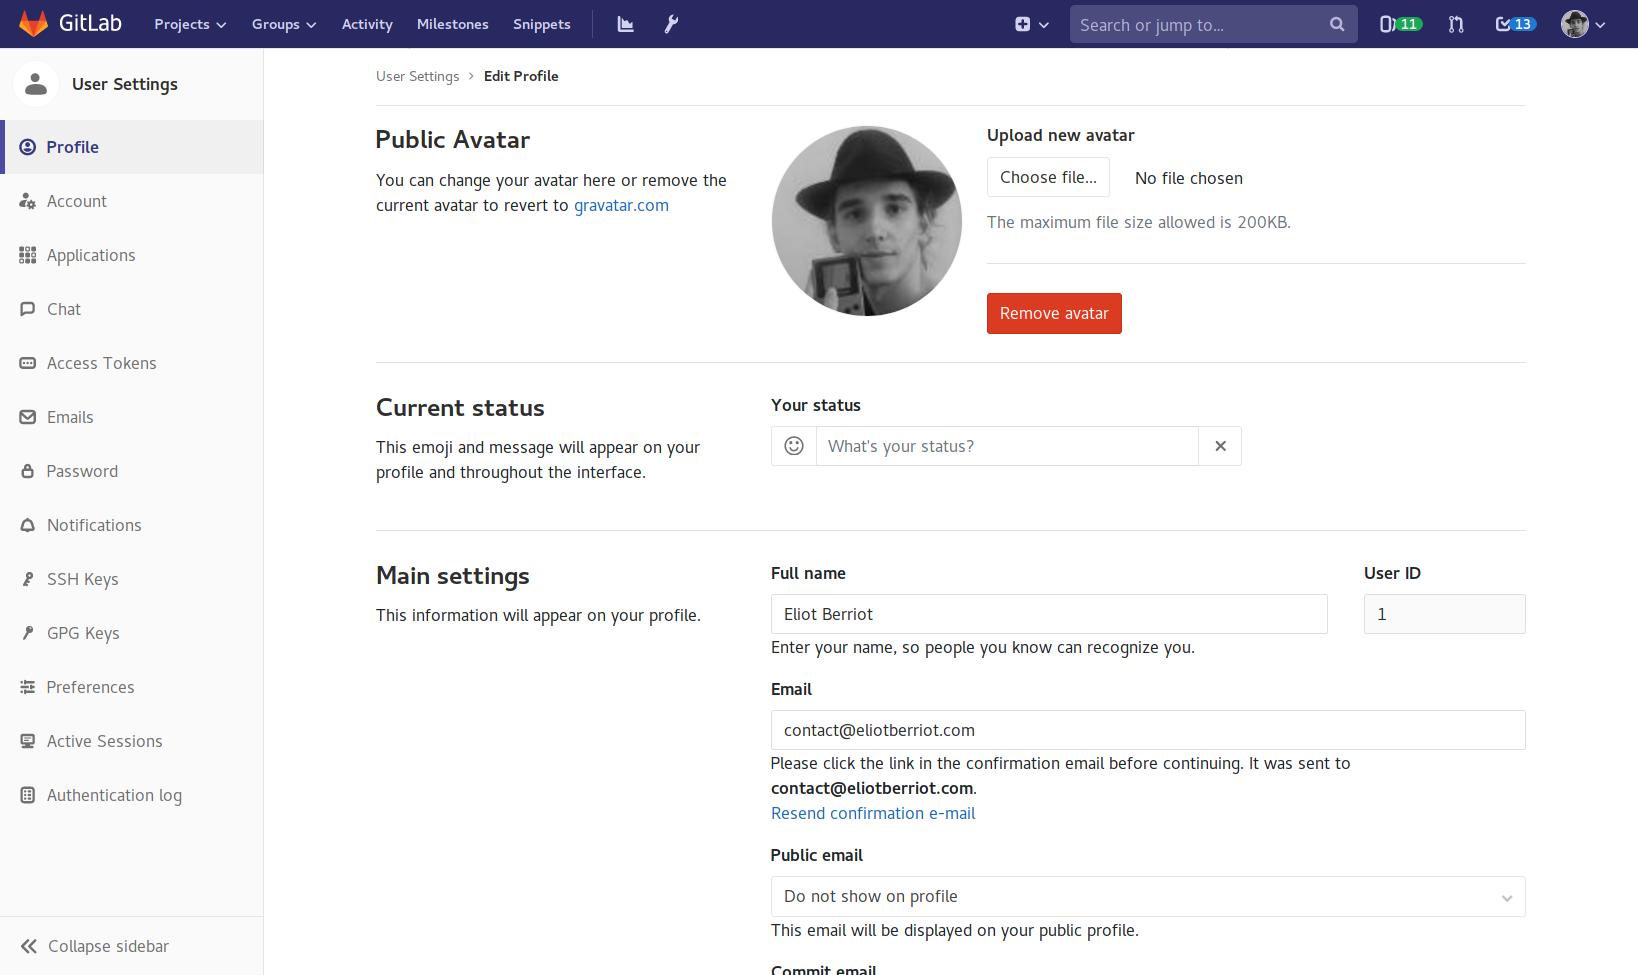 front/public/assets/guides/gitlab-account/profile-form.png